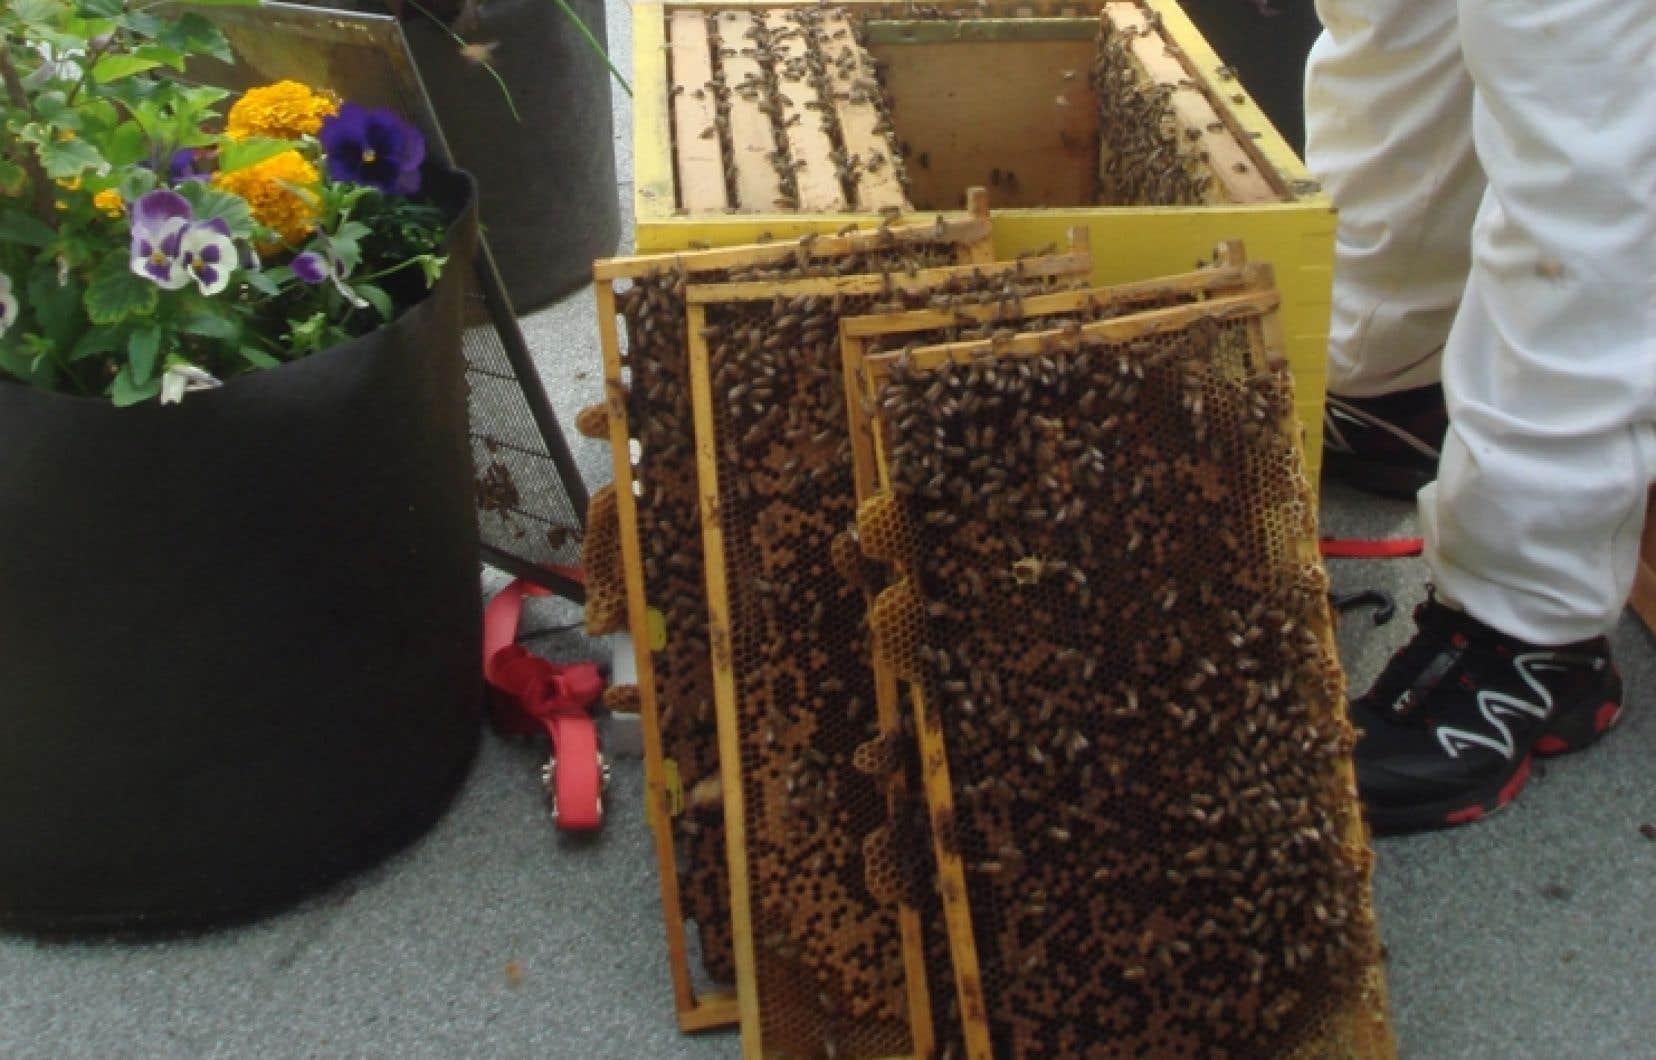 Depuis quinze ans, le nombre d'essaims disparaît mystérieusement sur toute la planète, un phénomène baptisé Syndrome d'effondrement des colonies. Le taux de mortalité des abeilles est d'environ 30% chaque année depuis 2007 en Europe. Et le phénomène prend aussi de plus en plus d'ampleur en Amérique du Nord.